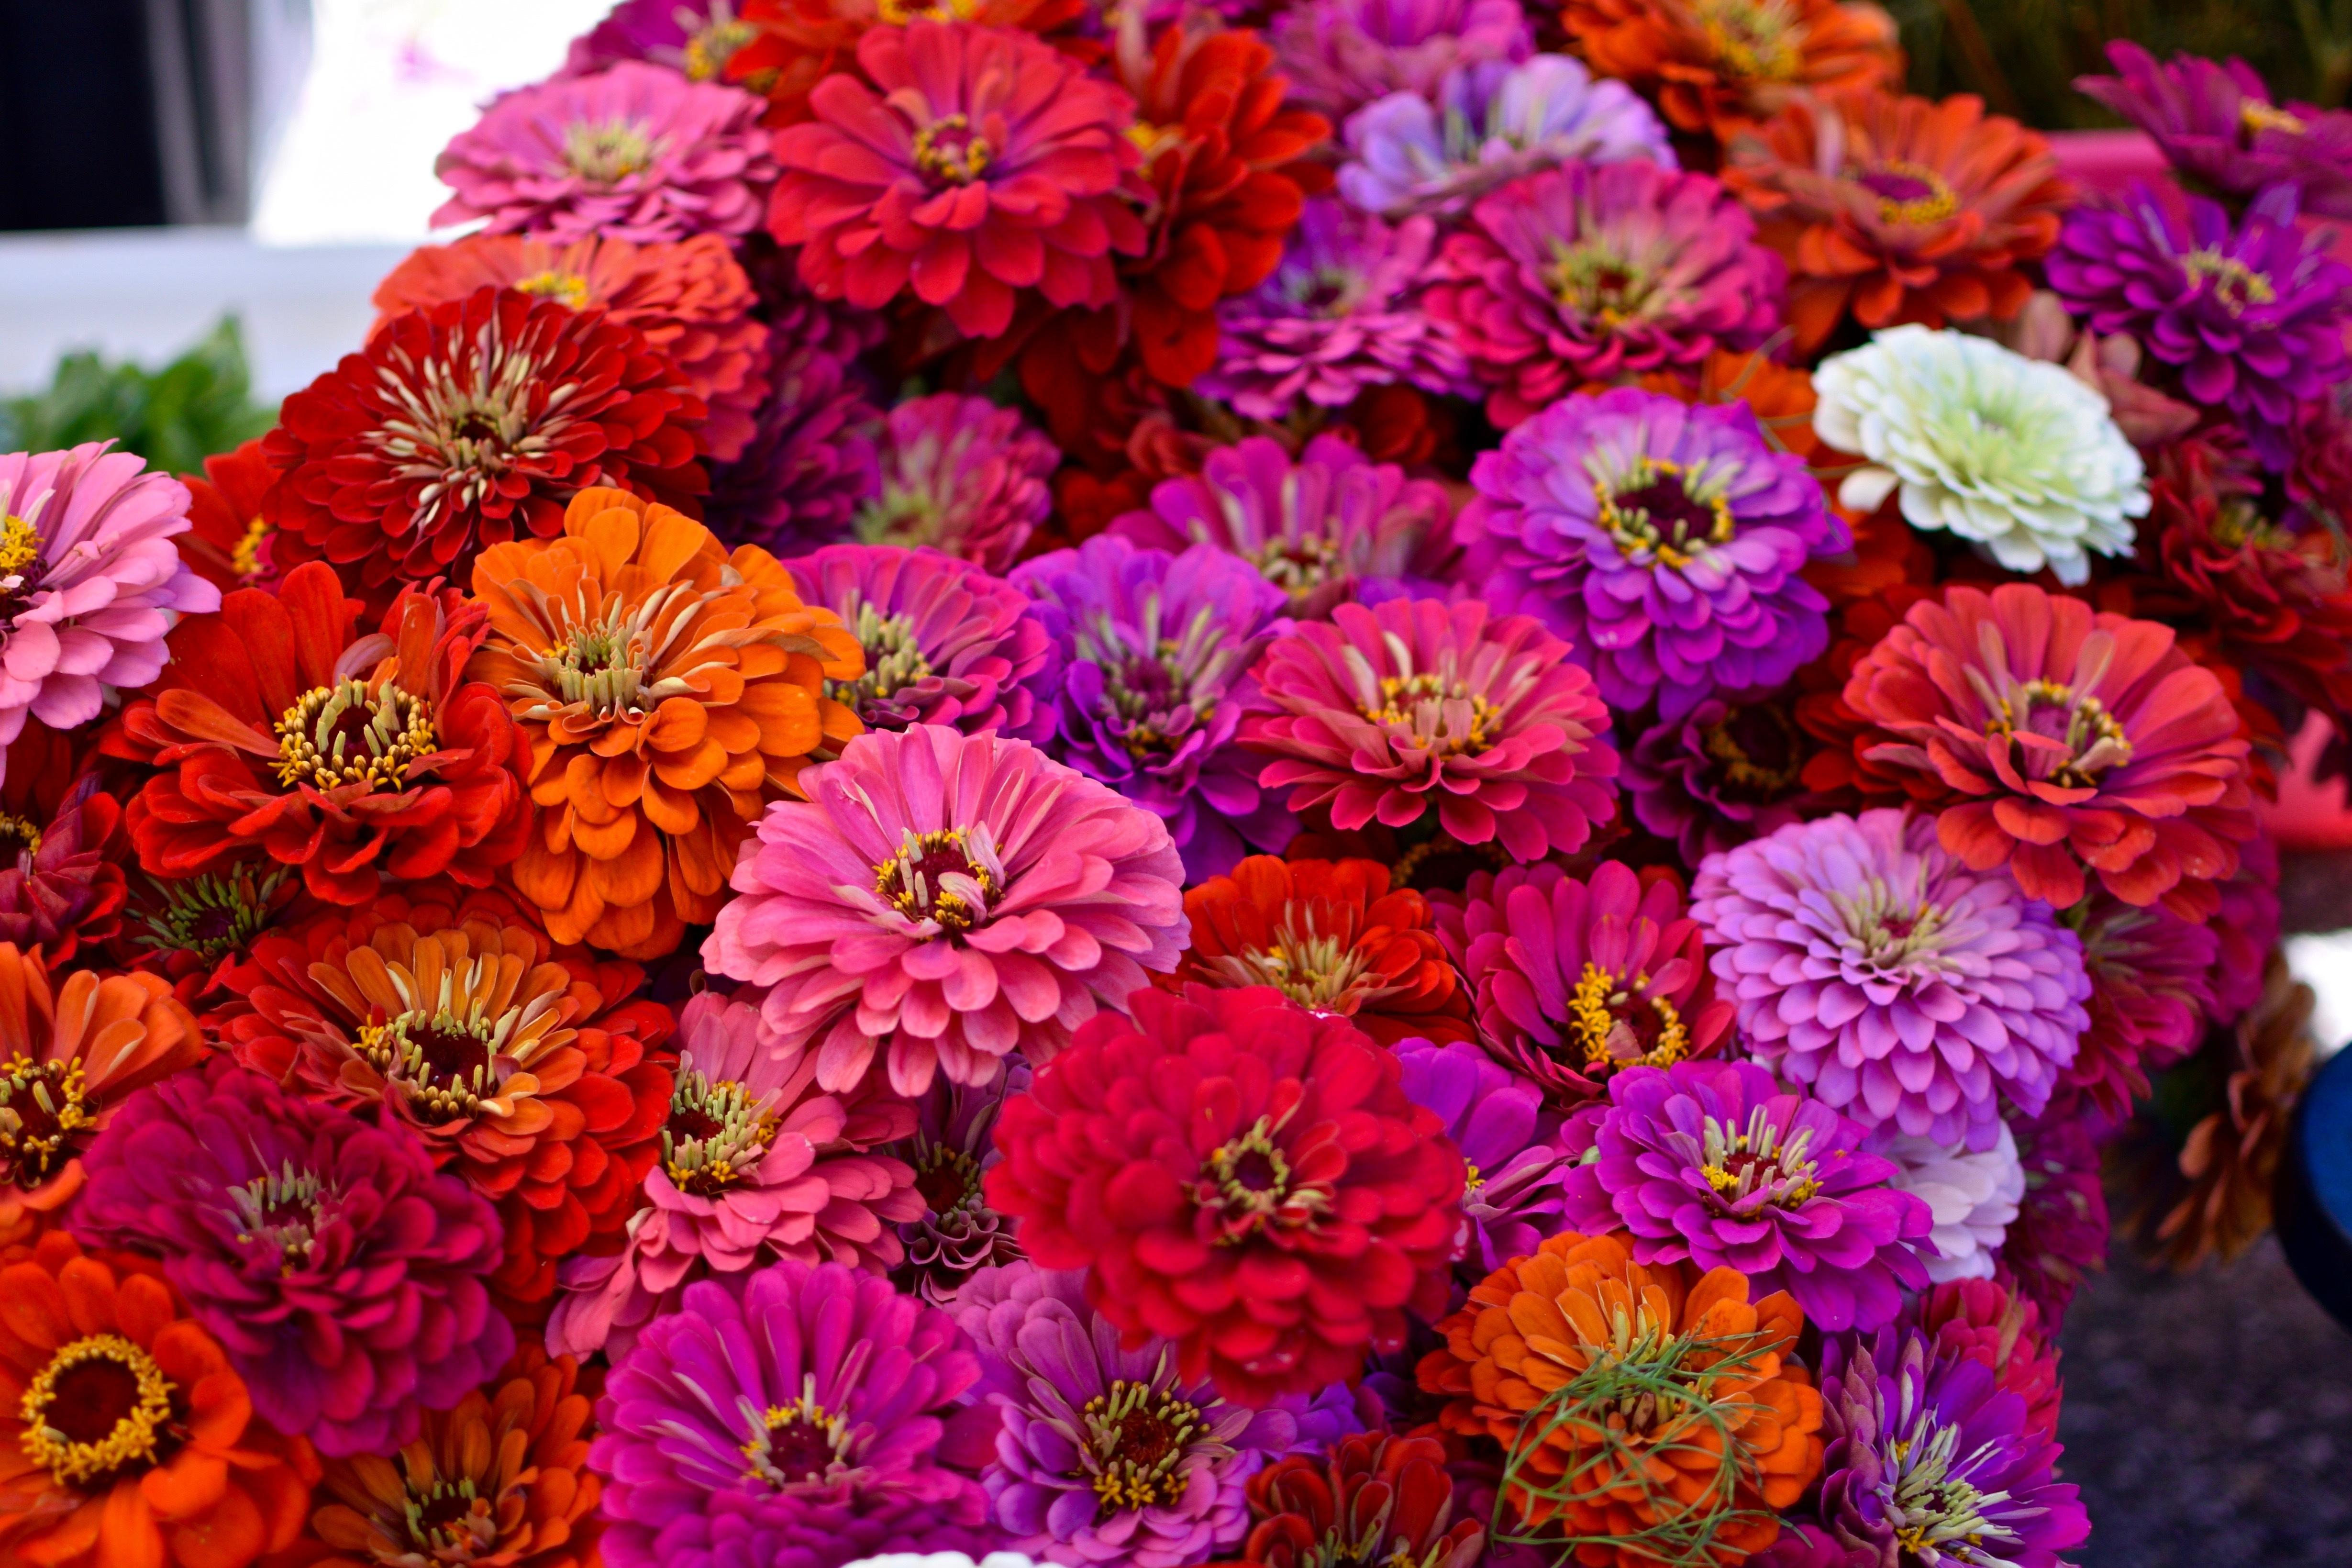 zinnia_flower_outdoor.jpg#asset:2189